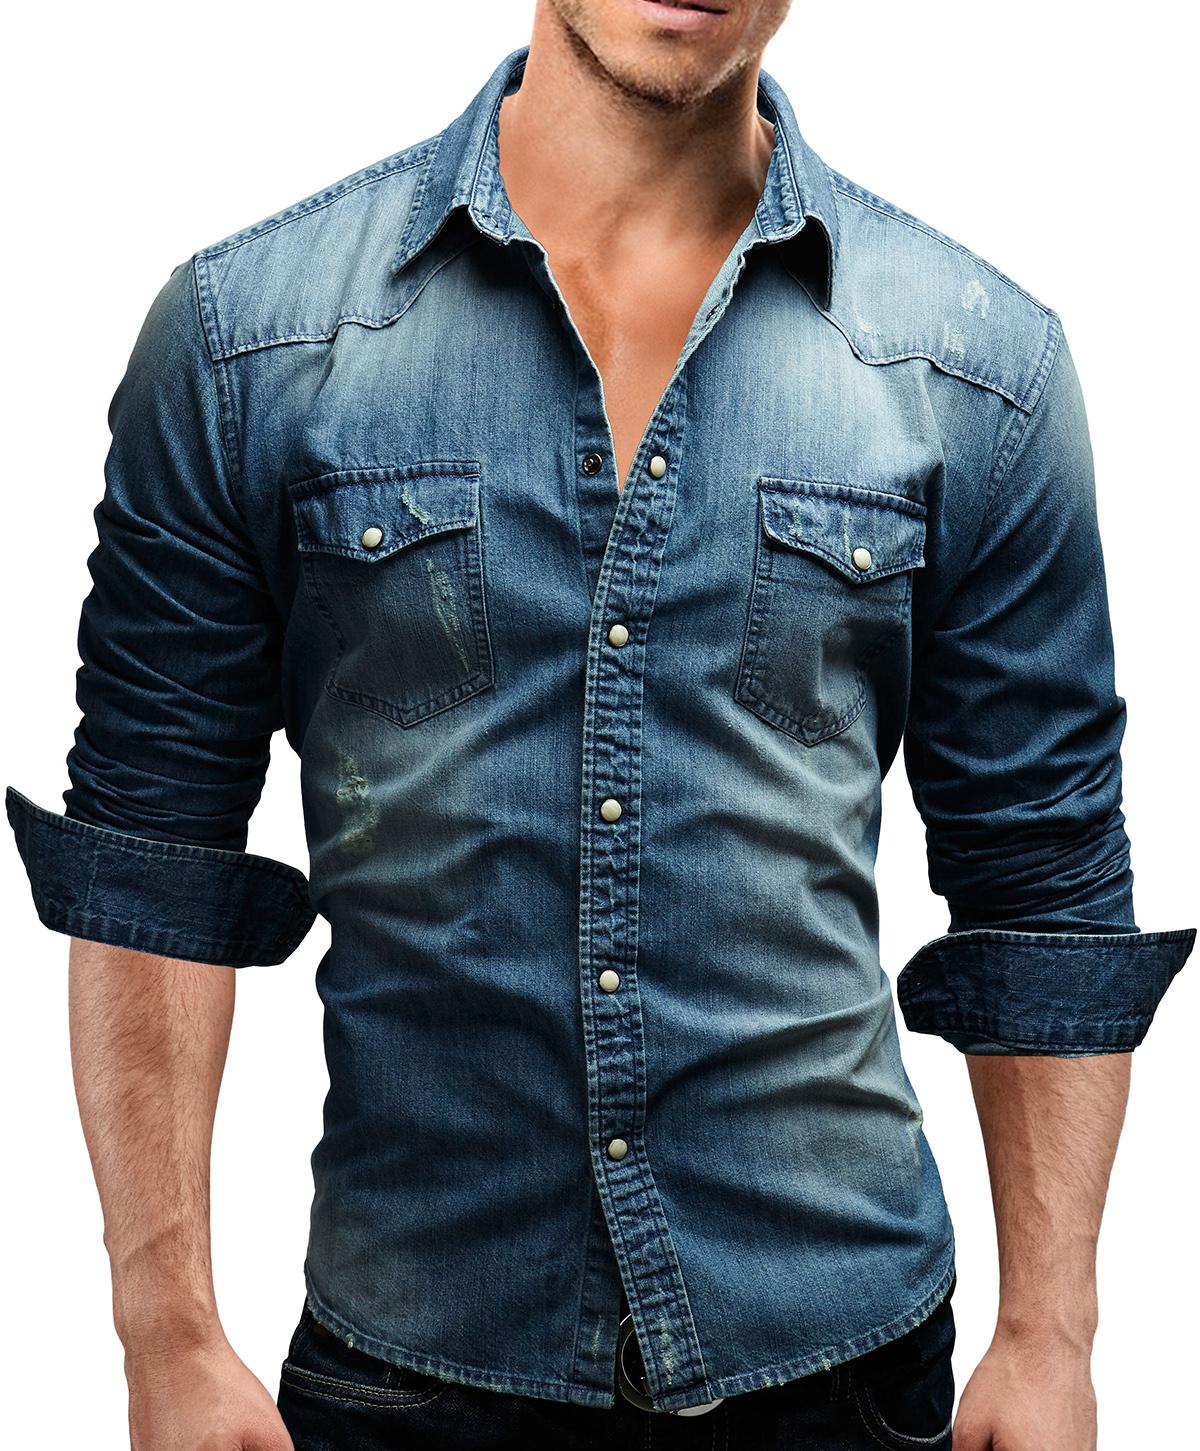 merish men 39 s shirt jeans denim slim fit style fitted. Black Bedroom Furniture Sets. Home Design Ideas